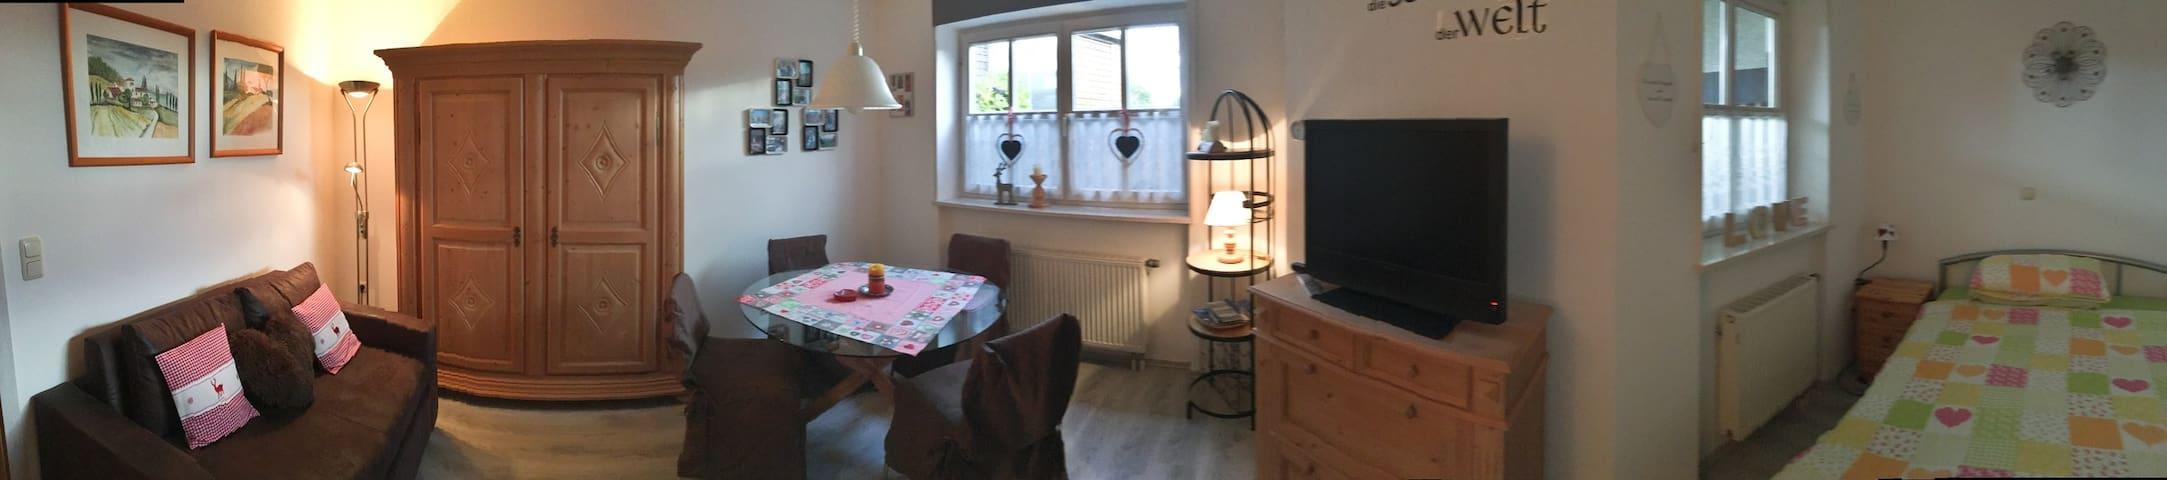 Nettes Apartment im Bayerischen Wald, St. Englmar - Sankt Englmar - Appartement